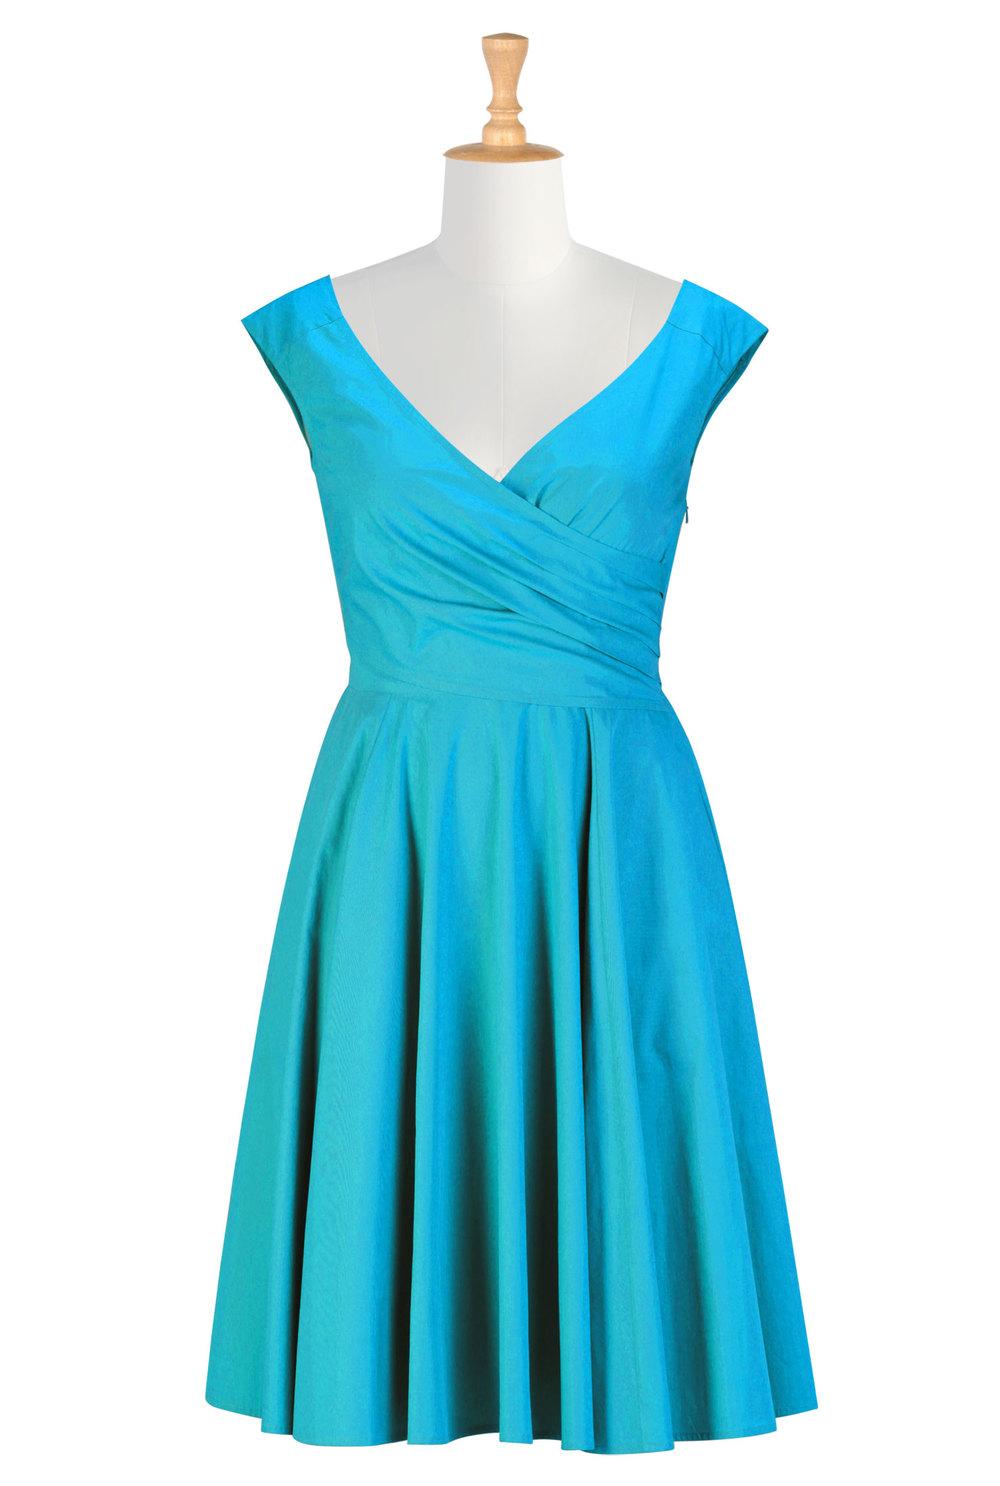 latest-designer-dresses-for-women-images.jpg